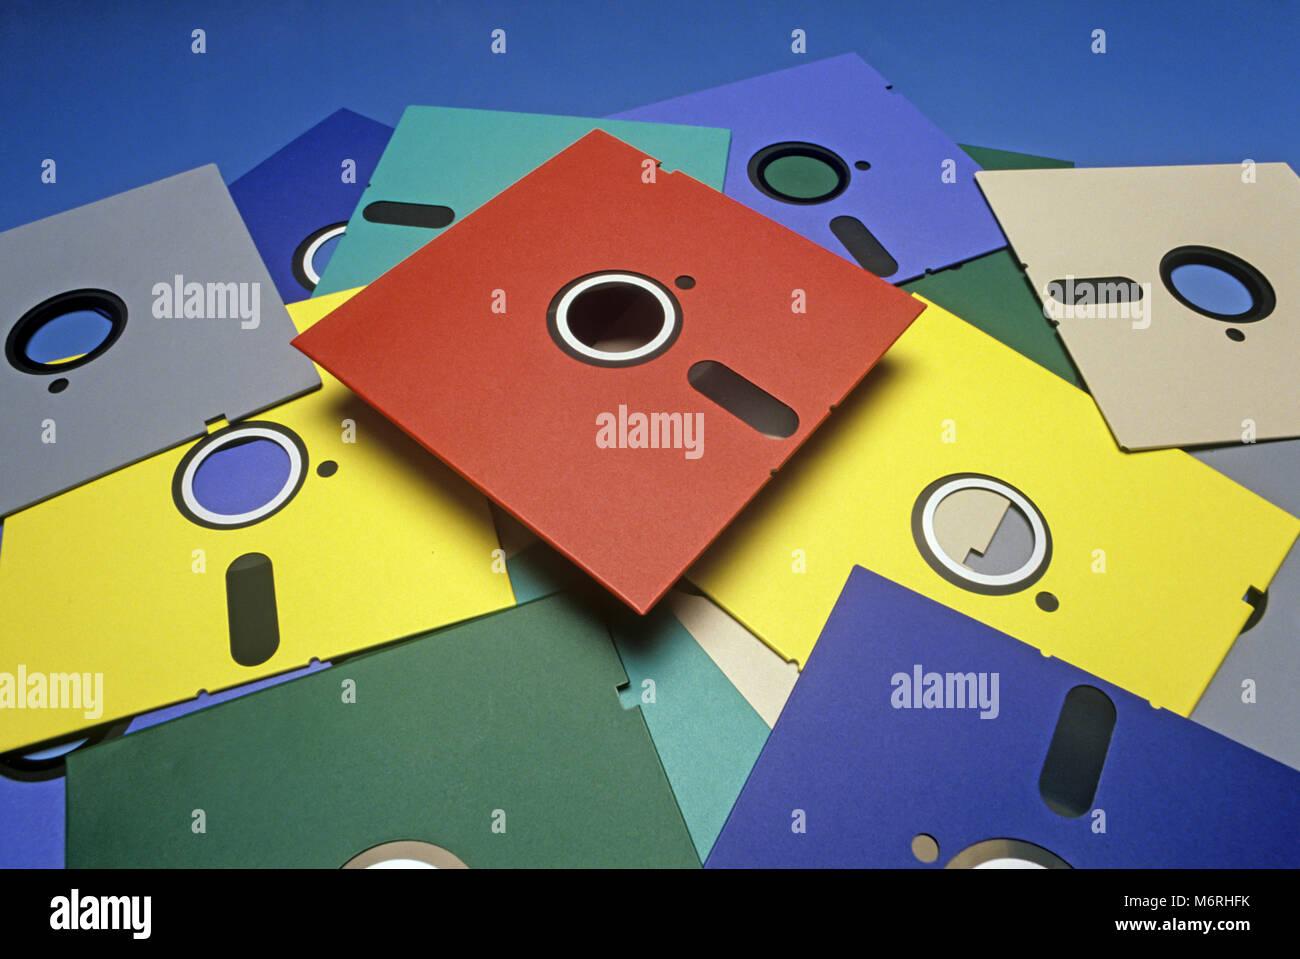 Obsolete Floppy Discs Stock Photos Obsolete Floppy Discs